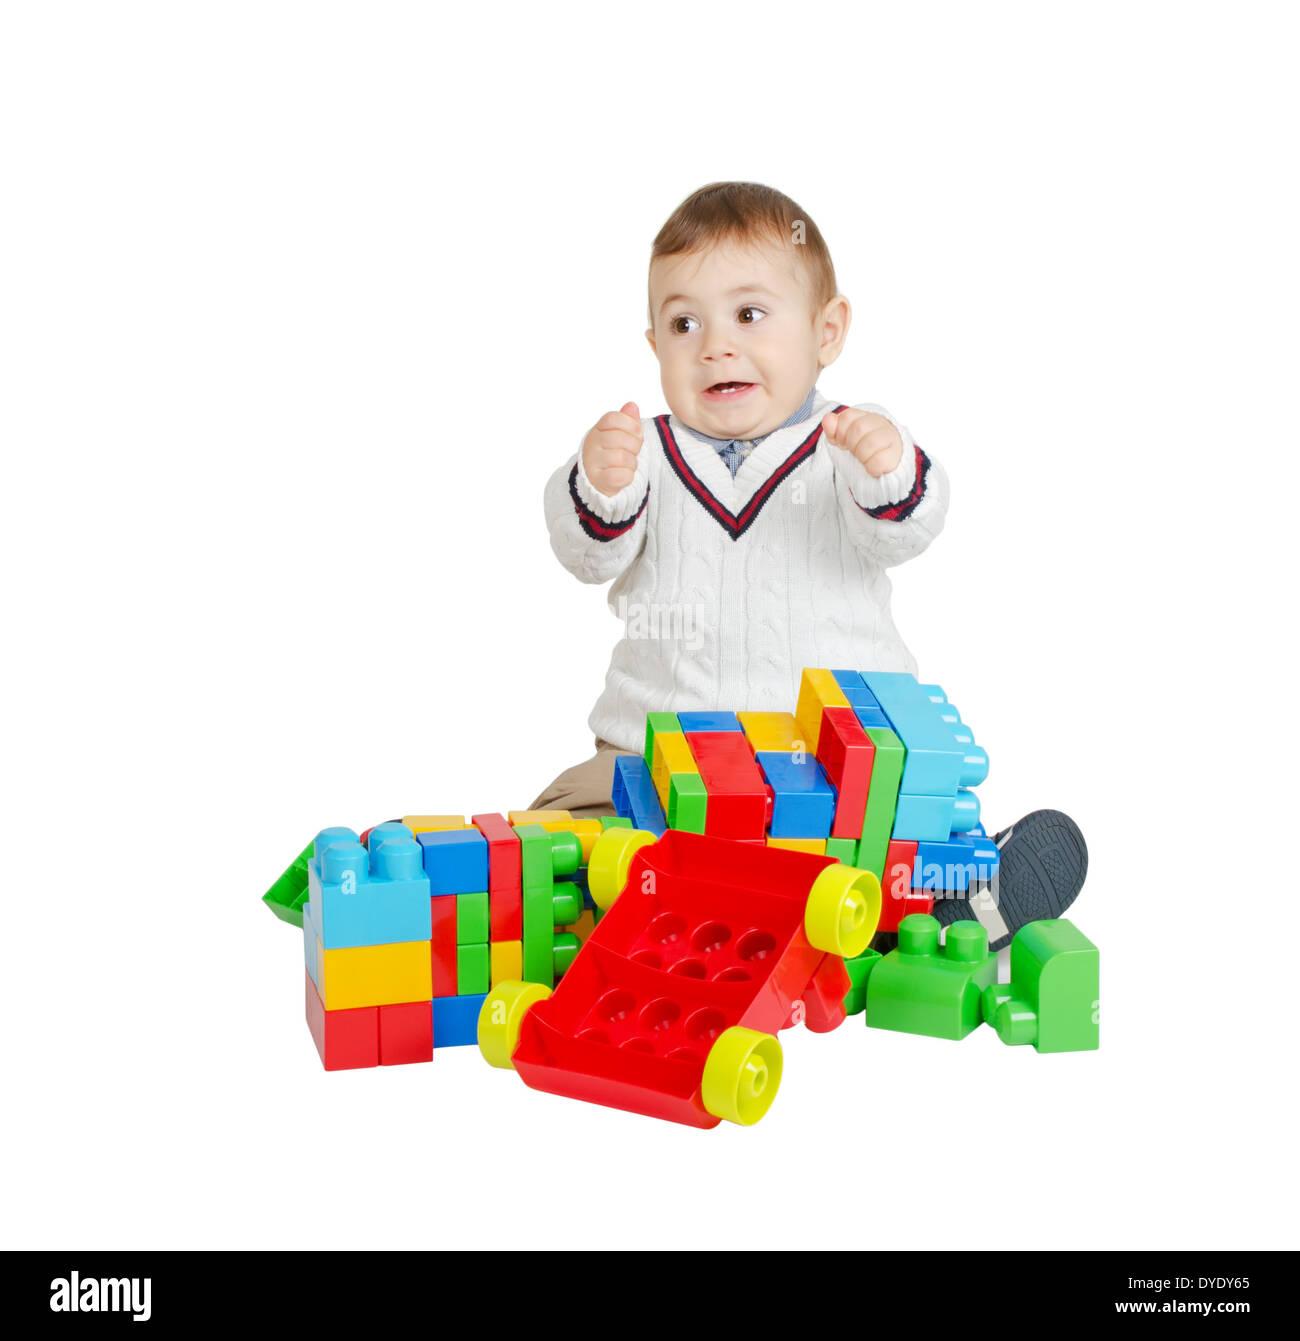 wütende junge mit bunten Kunststoff-Spielzeug, isoliert auf weiss Stockfoto